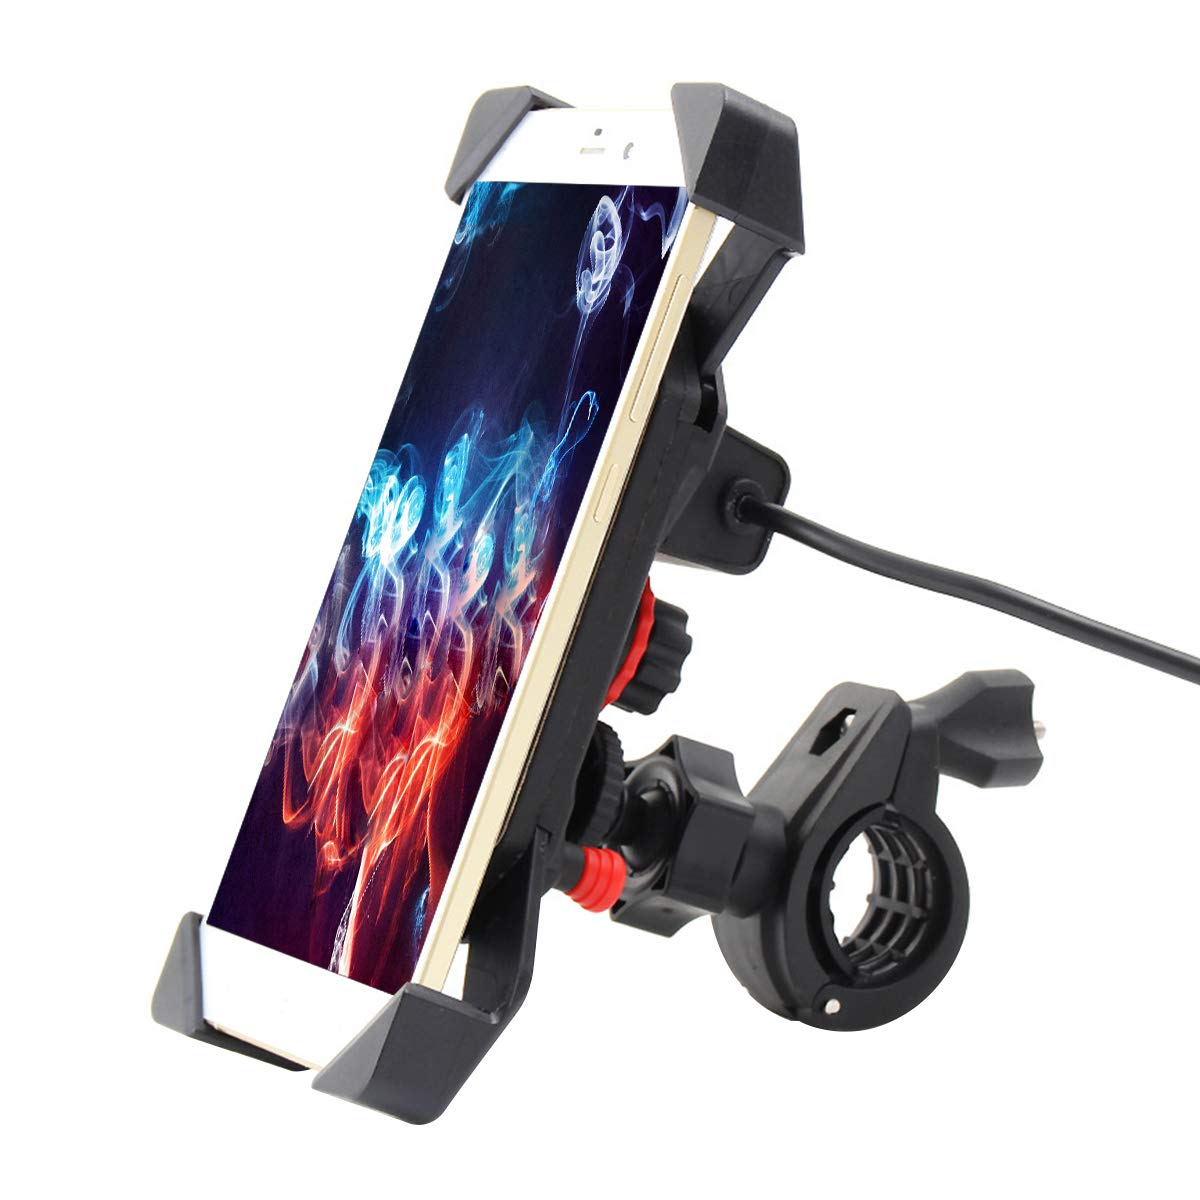 Surenhap Motorrad Handyhalterung, Premium Handyhalter mit 5V 2A USB-Ladeanschluss, Universal-Handy-Halter fü r Apple iPhone, Samsung Nexus & GPS Navigatoren, 4-6 Zoll Einstellbare Cradle Clamp